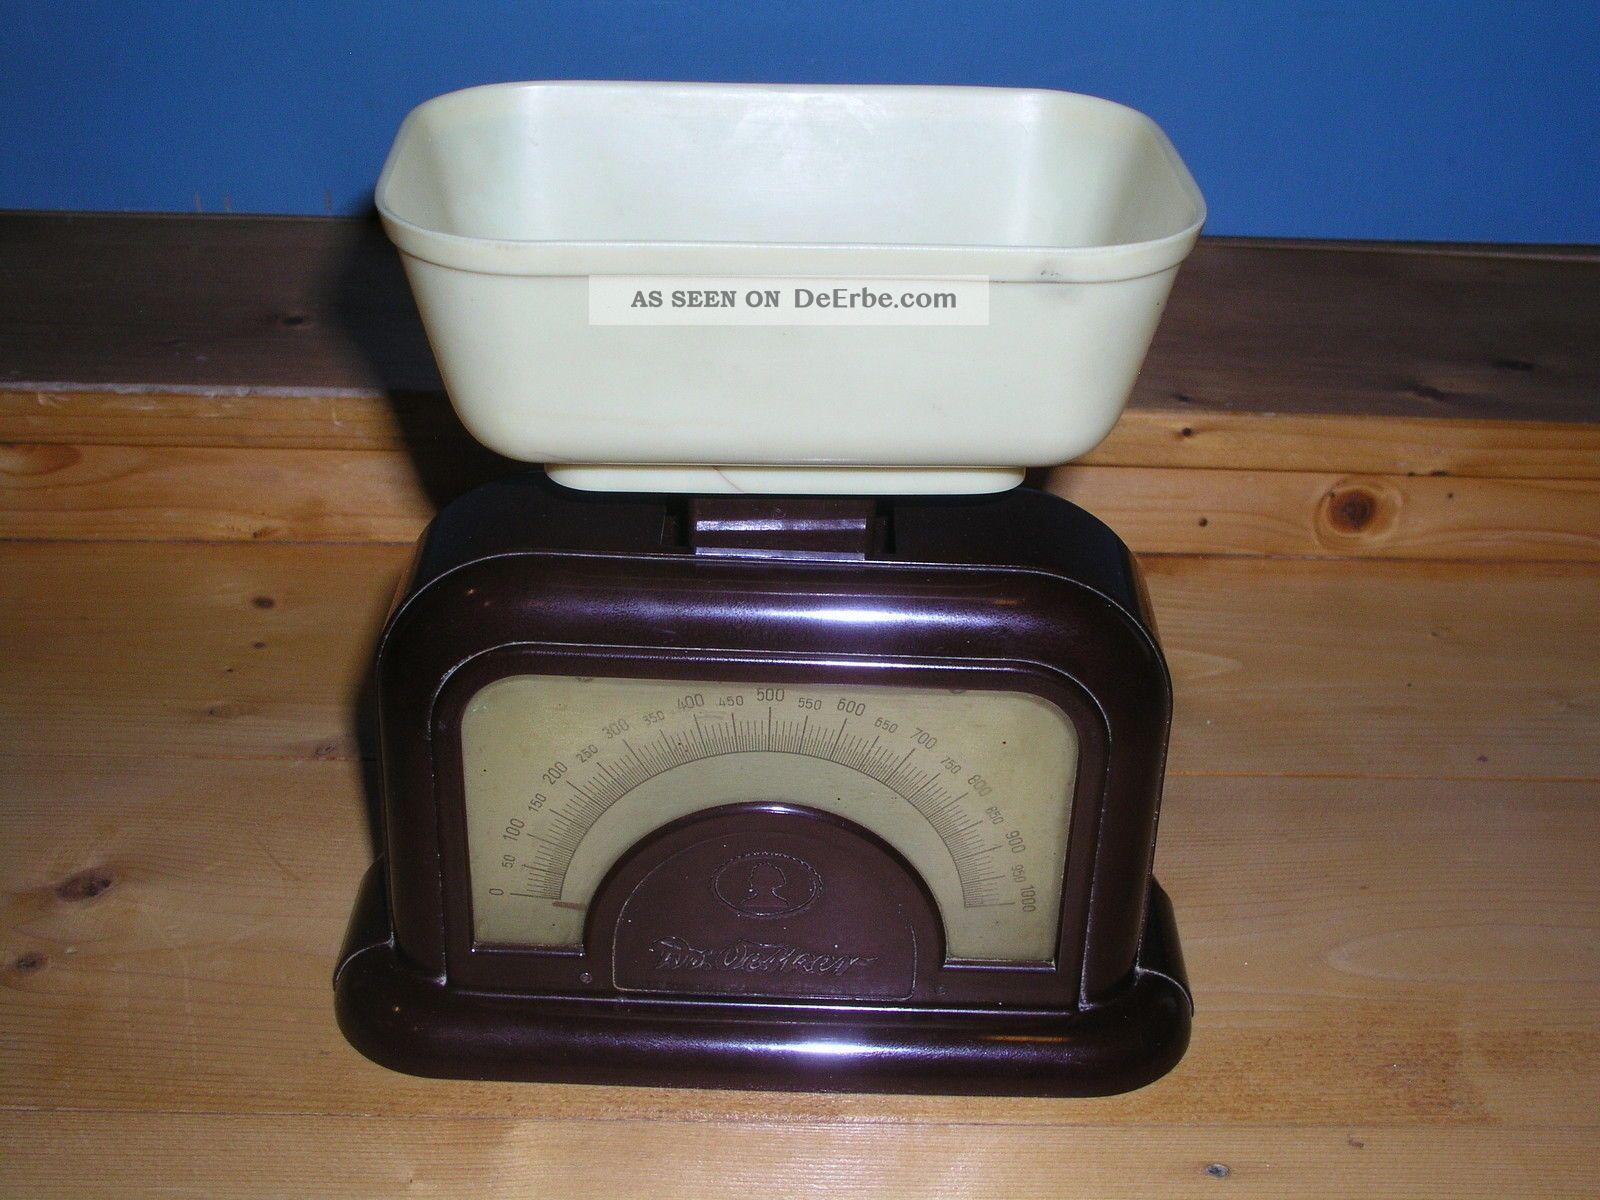 alte dr oetker waage aus bakelit messbereich bis 1000 gr ca 30 er j selten. Black Bedroom Furniture Sets. Home Design Ideas